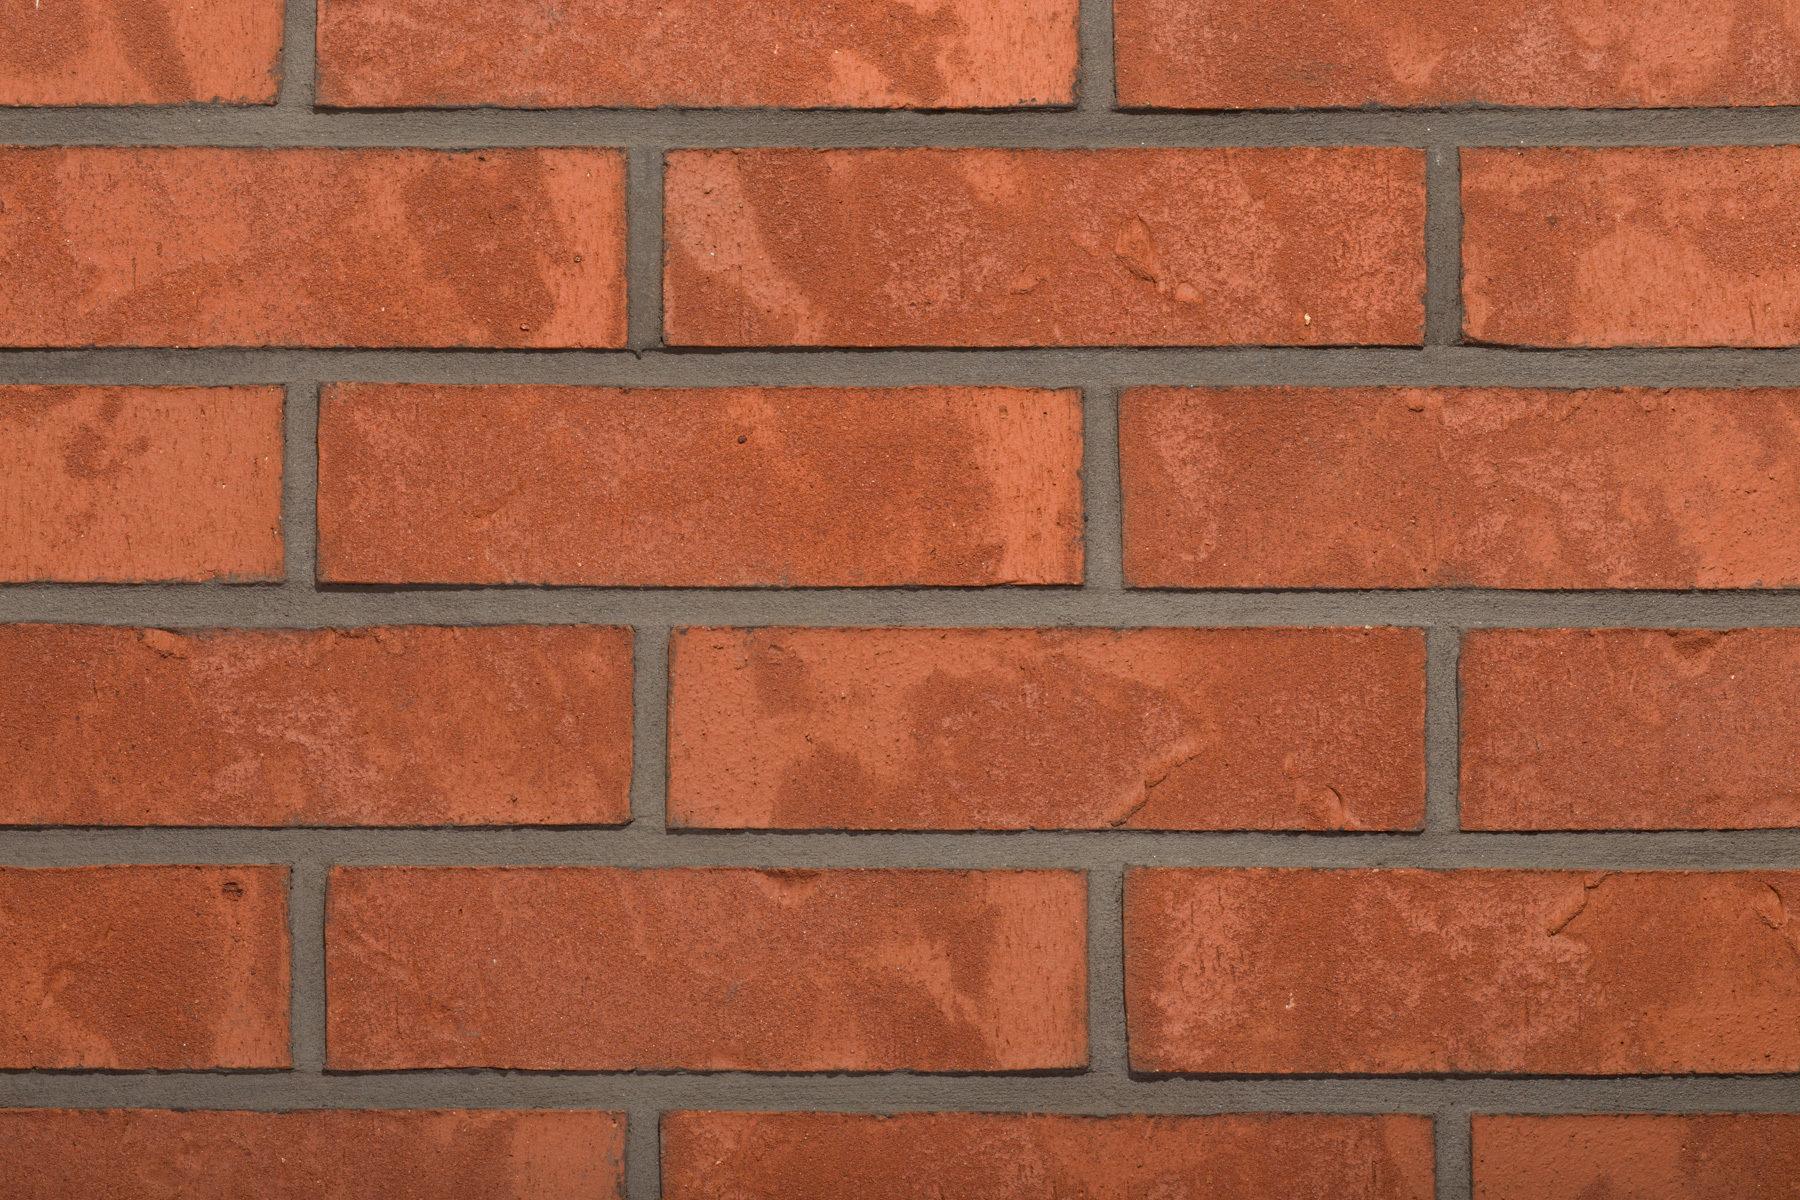 Nowe odcienie czerwieni w ofercie cegieł klinkierowych Wienerberger